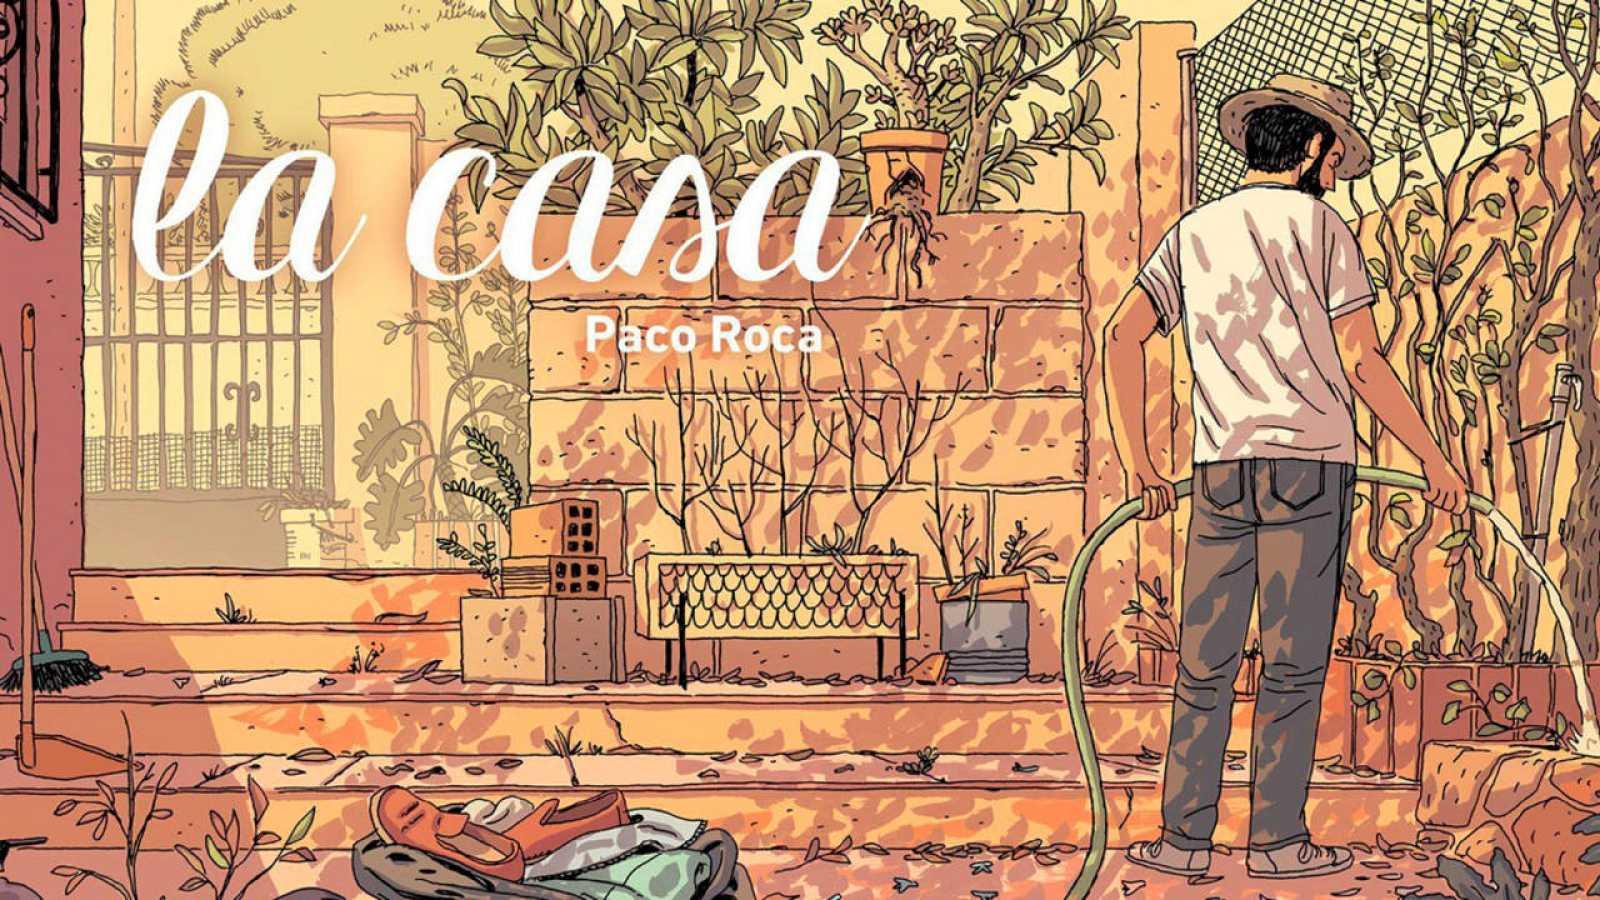 Portada de 'La Casa', de Paco Roca